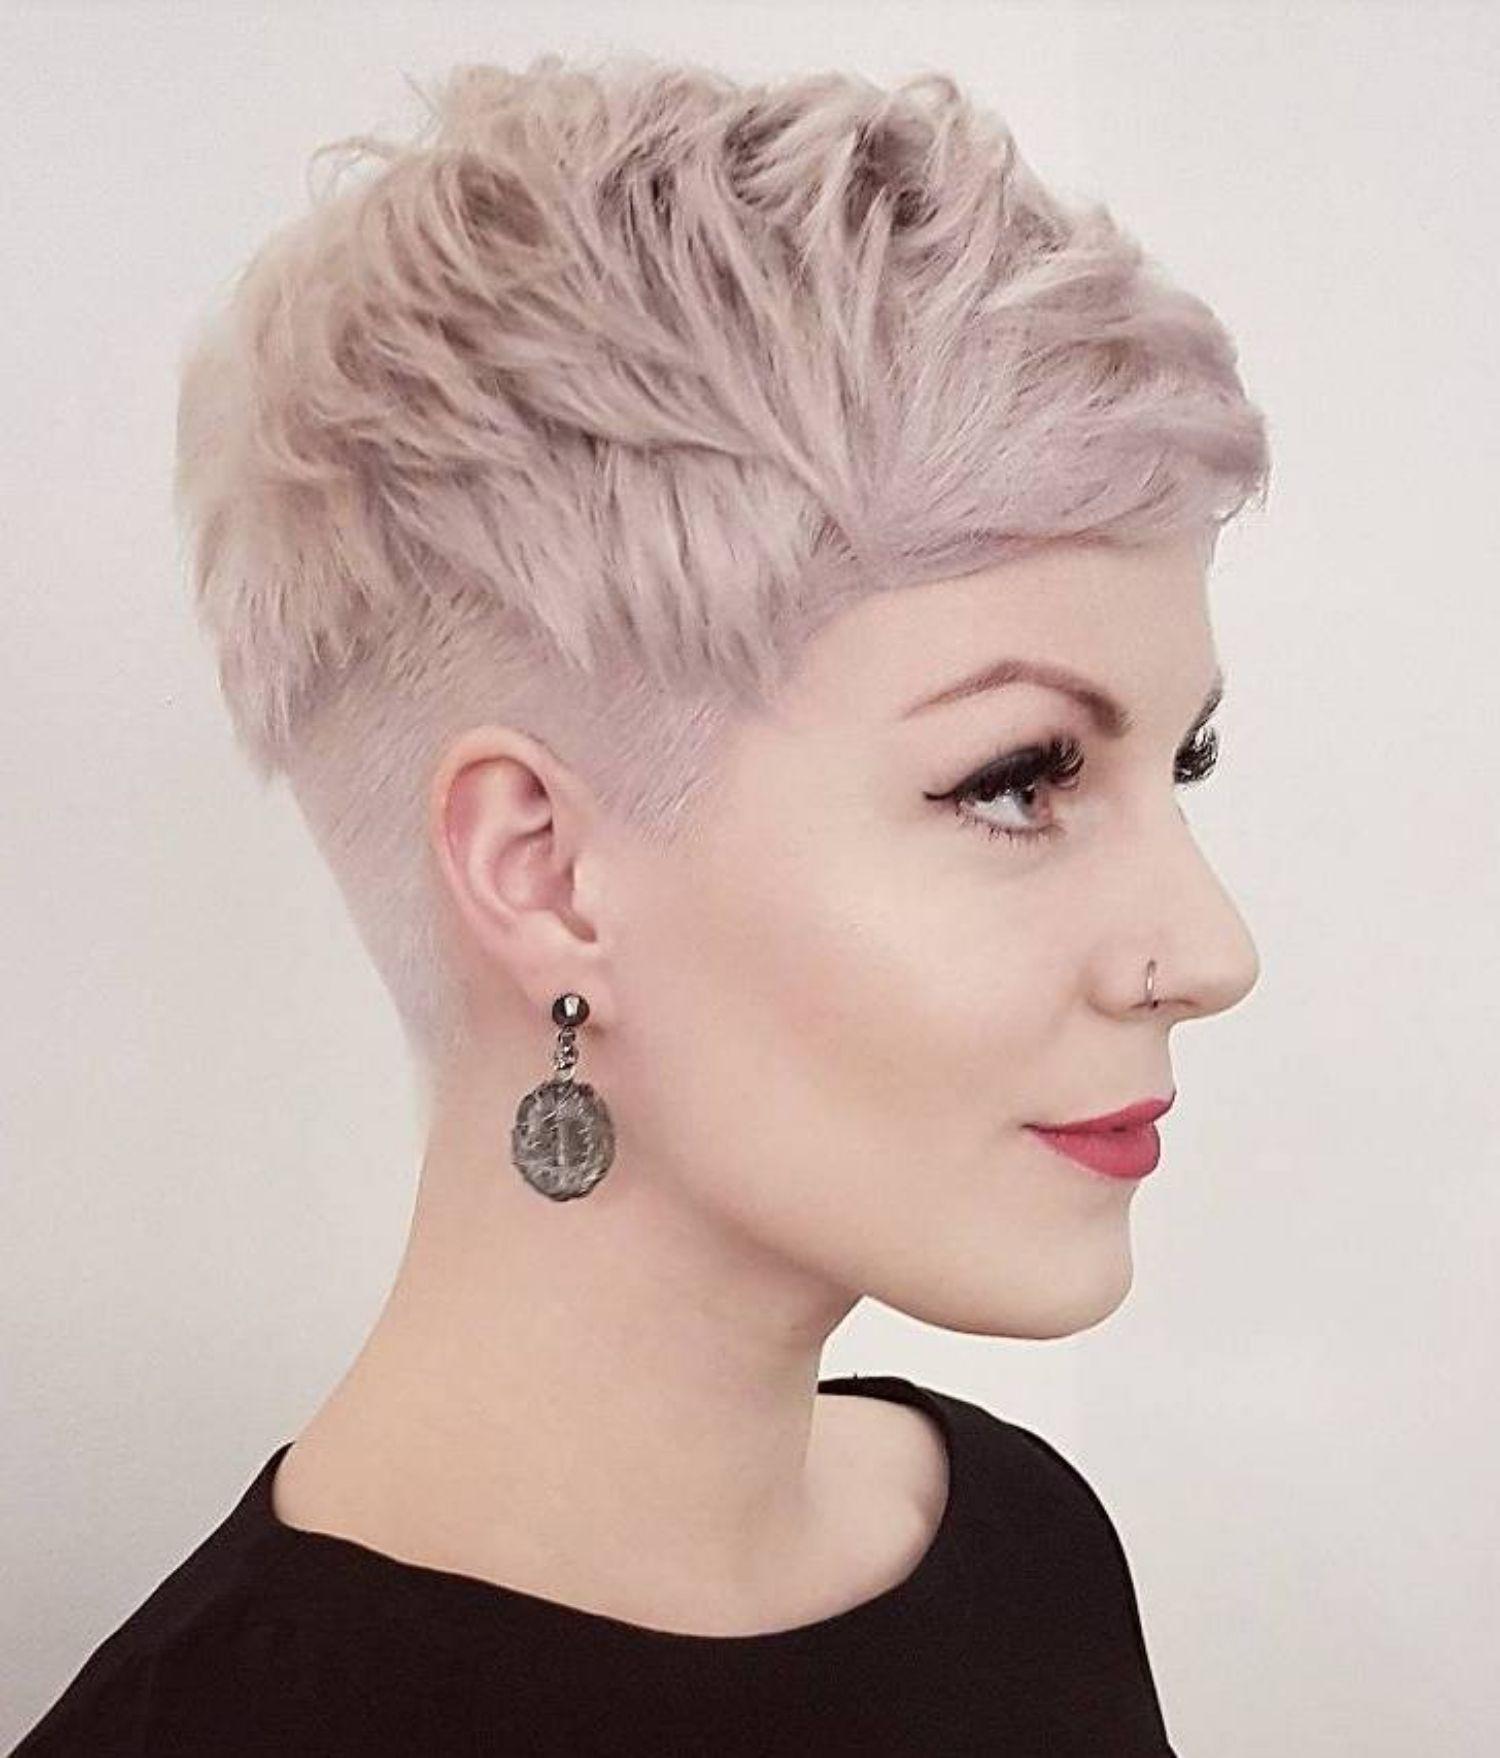 cute short pixie haircuts u femininity and practicality in